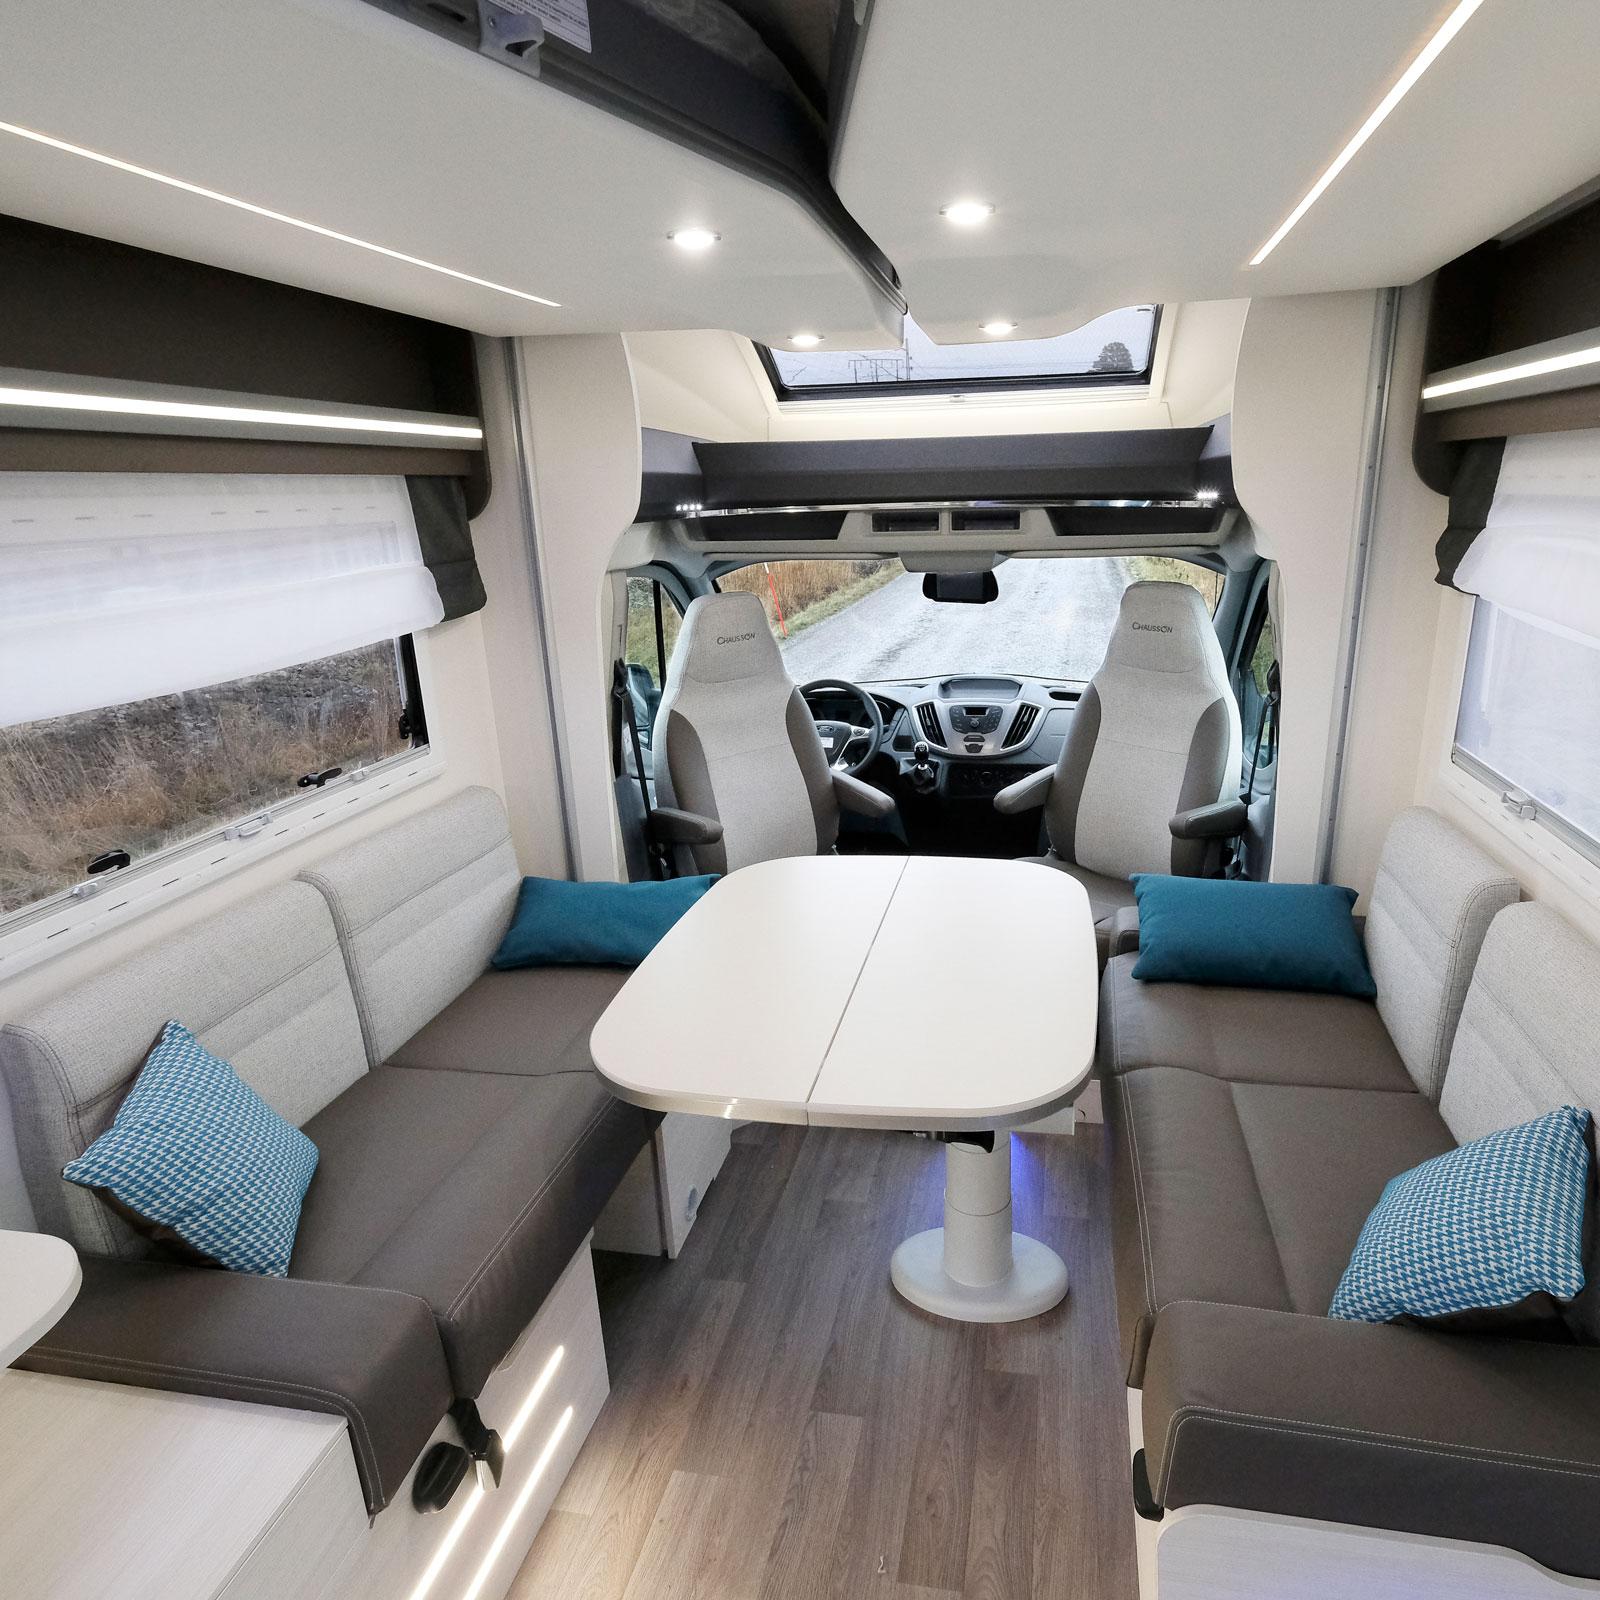 I bilens främre del finns en väl tilltagen sittgrupp med plats för många. Bordet i mitten är lätt att skjuta och vrida dit man vill.